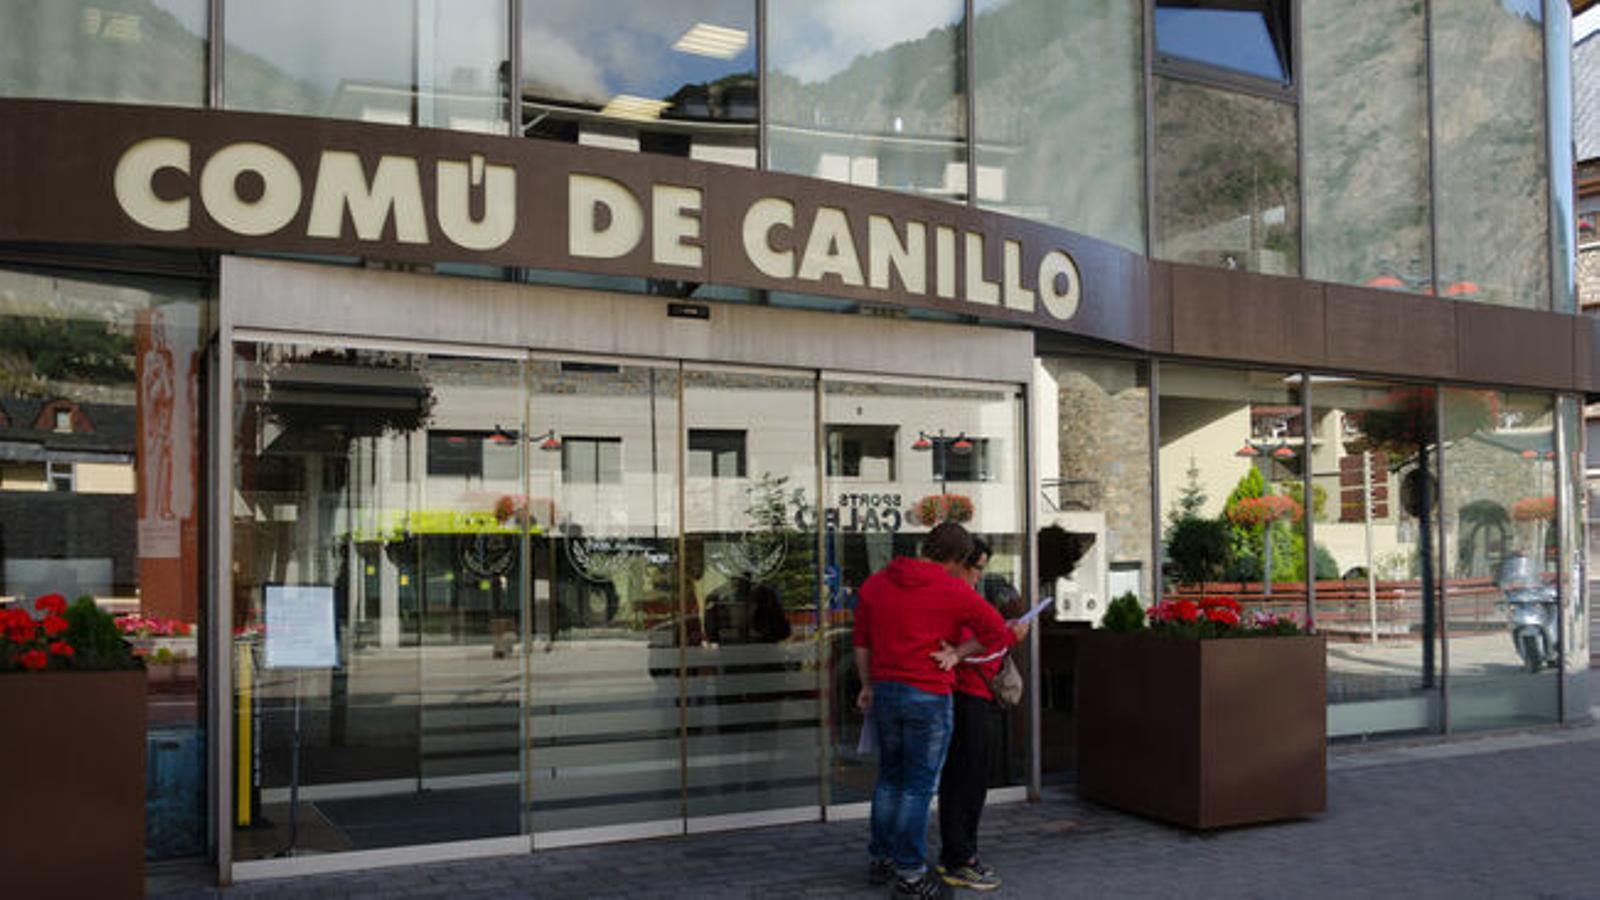 L'entrada al comú de Canillo. / ARXIU